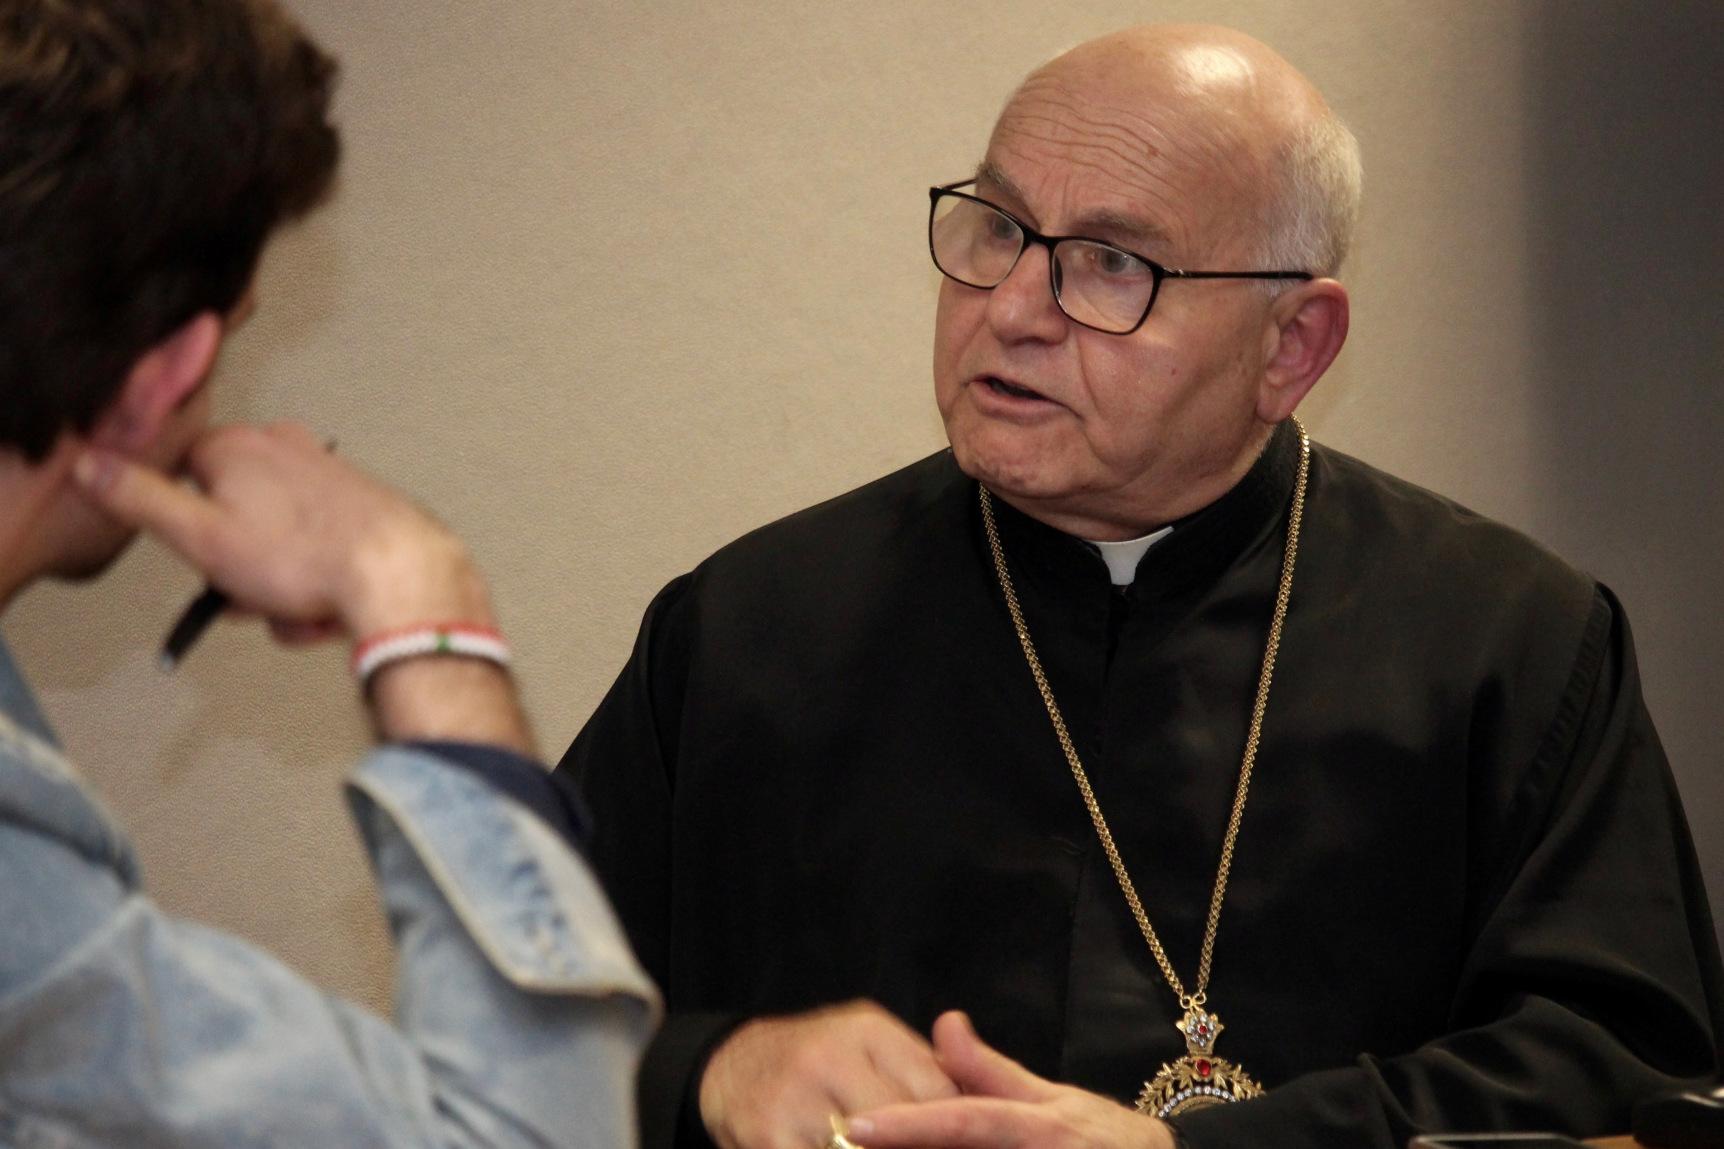 Le grand entretien. Mgr Jean-Clément Jeanbart : « La France n'aurait jamais dû soutenir la rébellion syrienne »